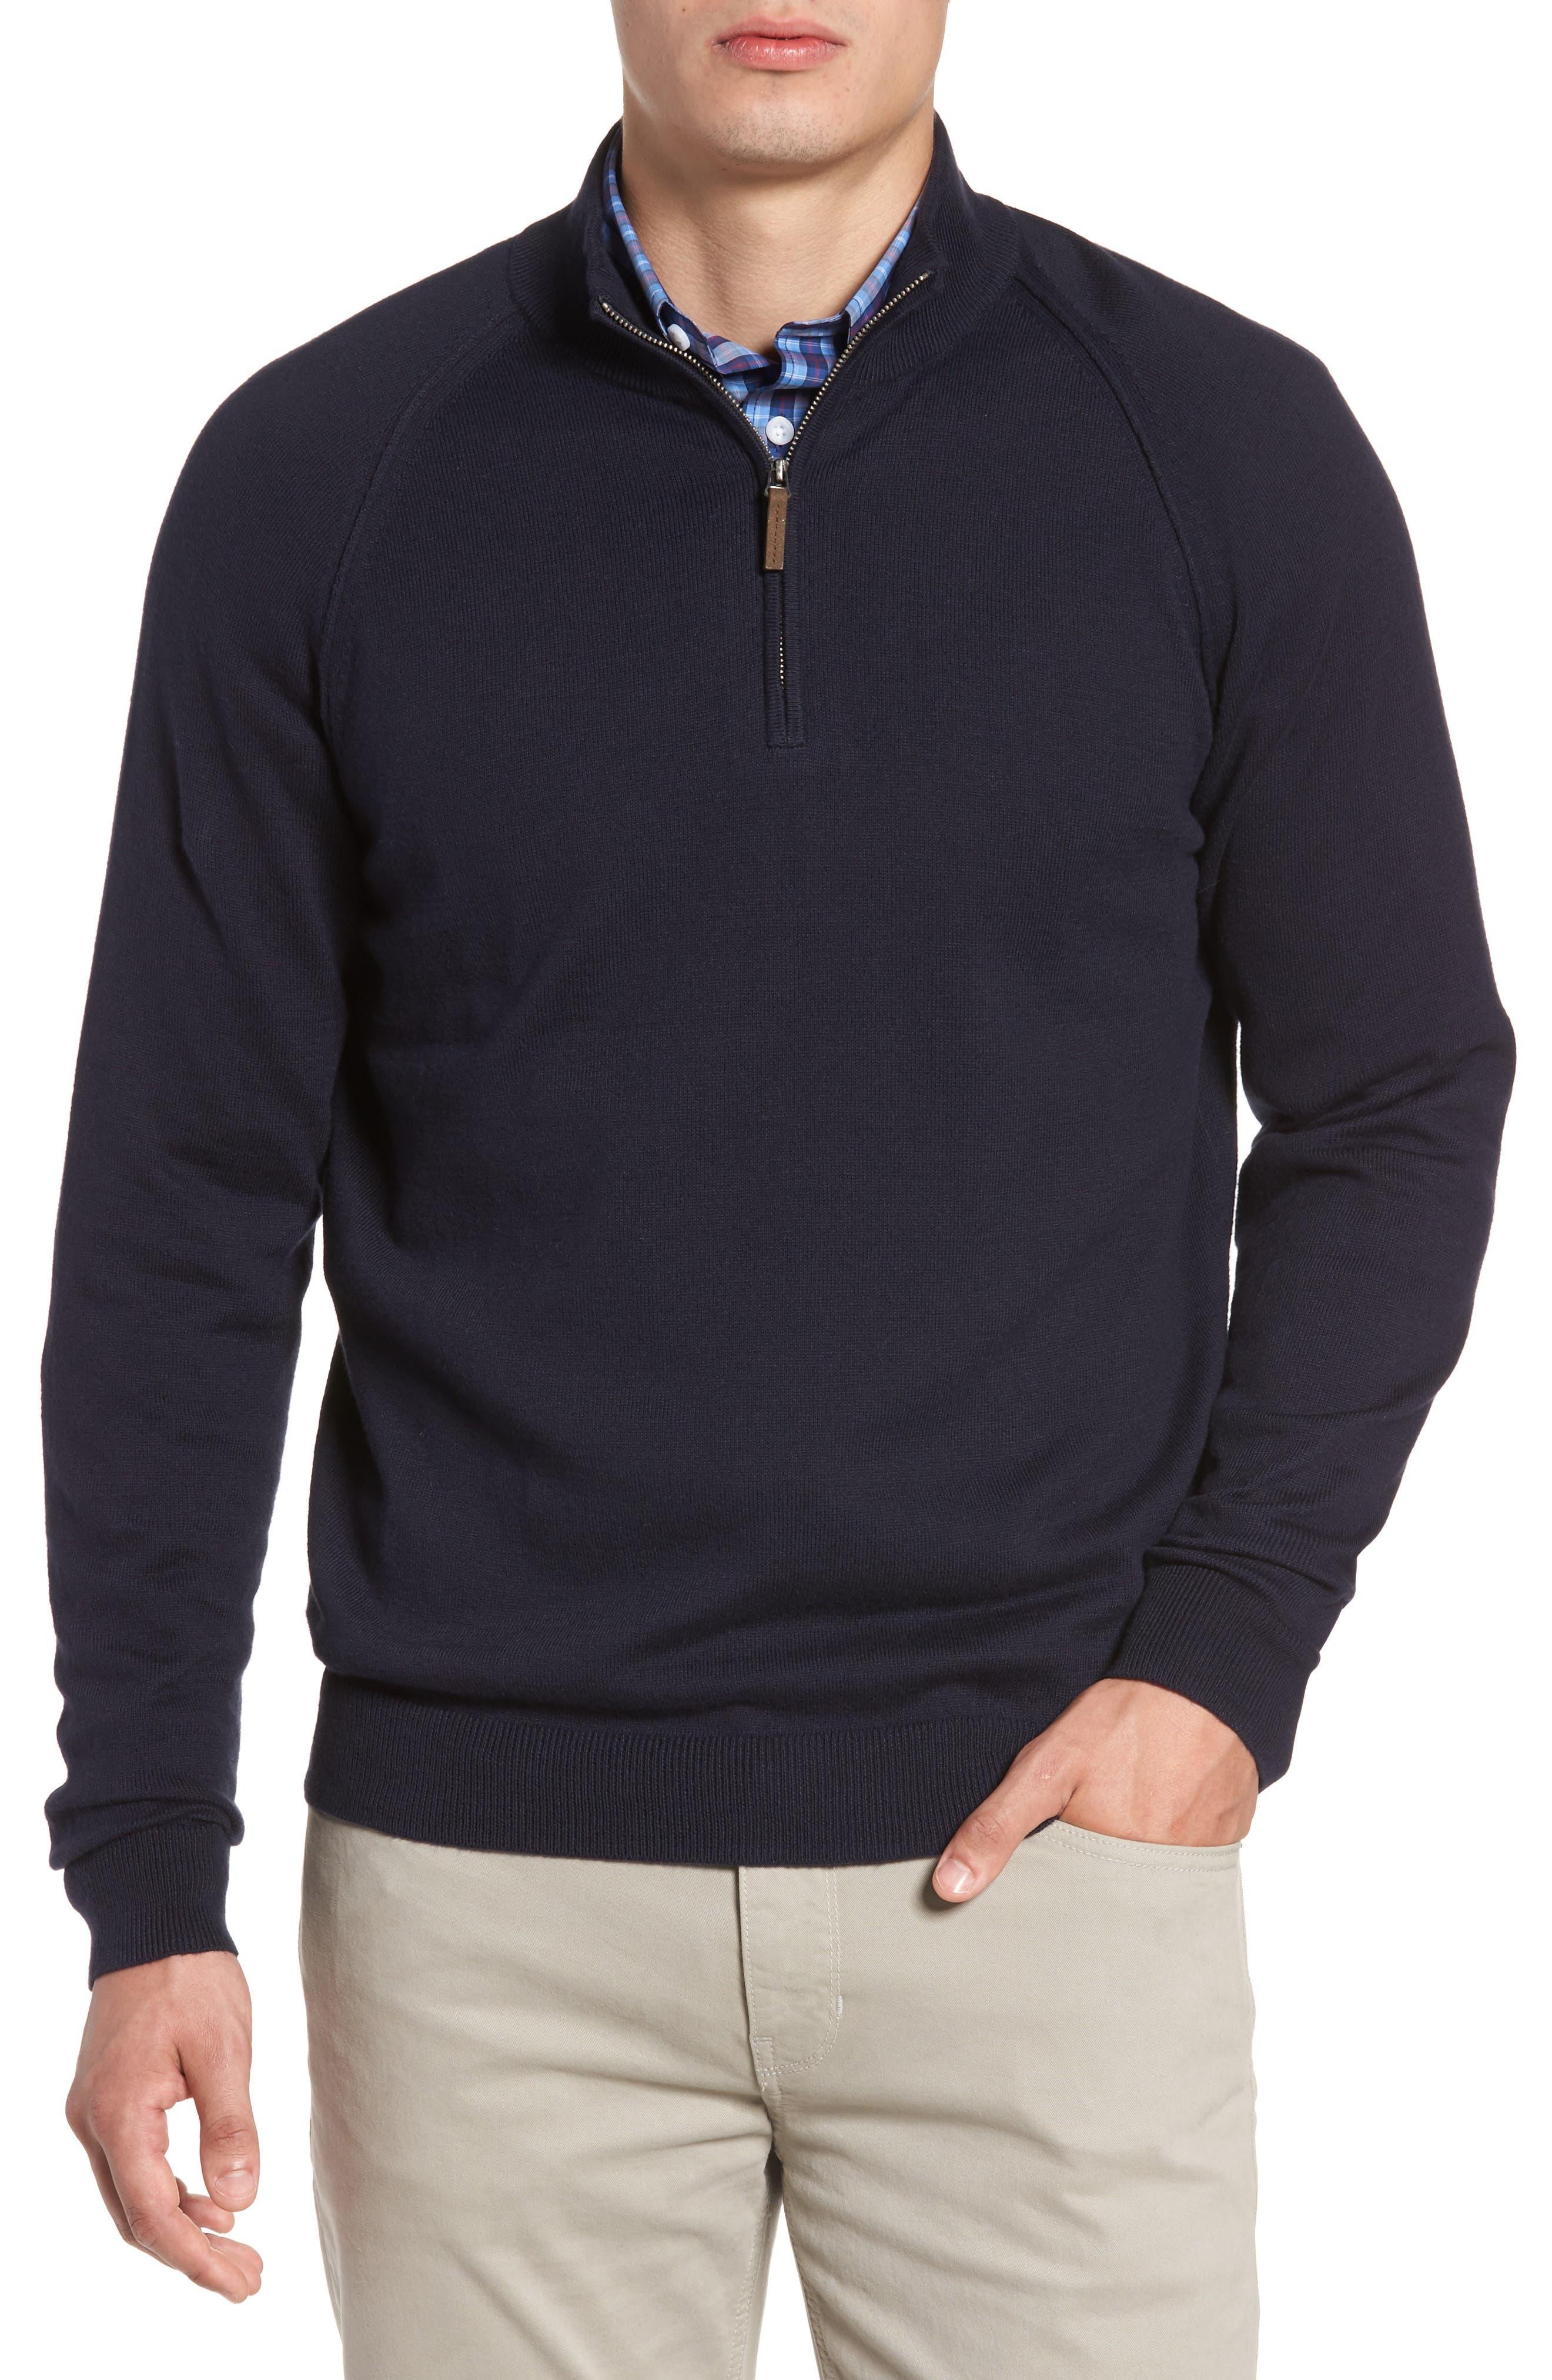 Alternate Image 1 Selected - Nordstrom Men's Shop Saddle Shoulder Quarter Zip Cotton & Cashmere Pullover